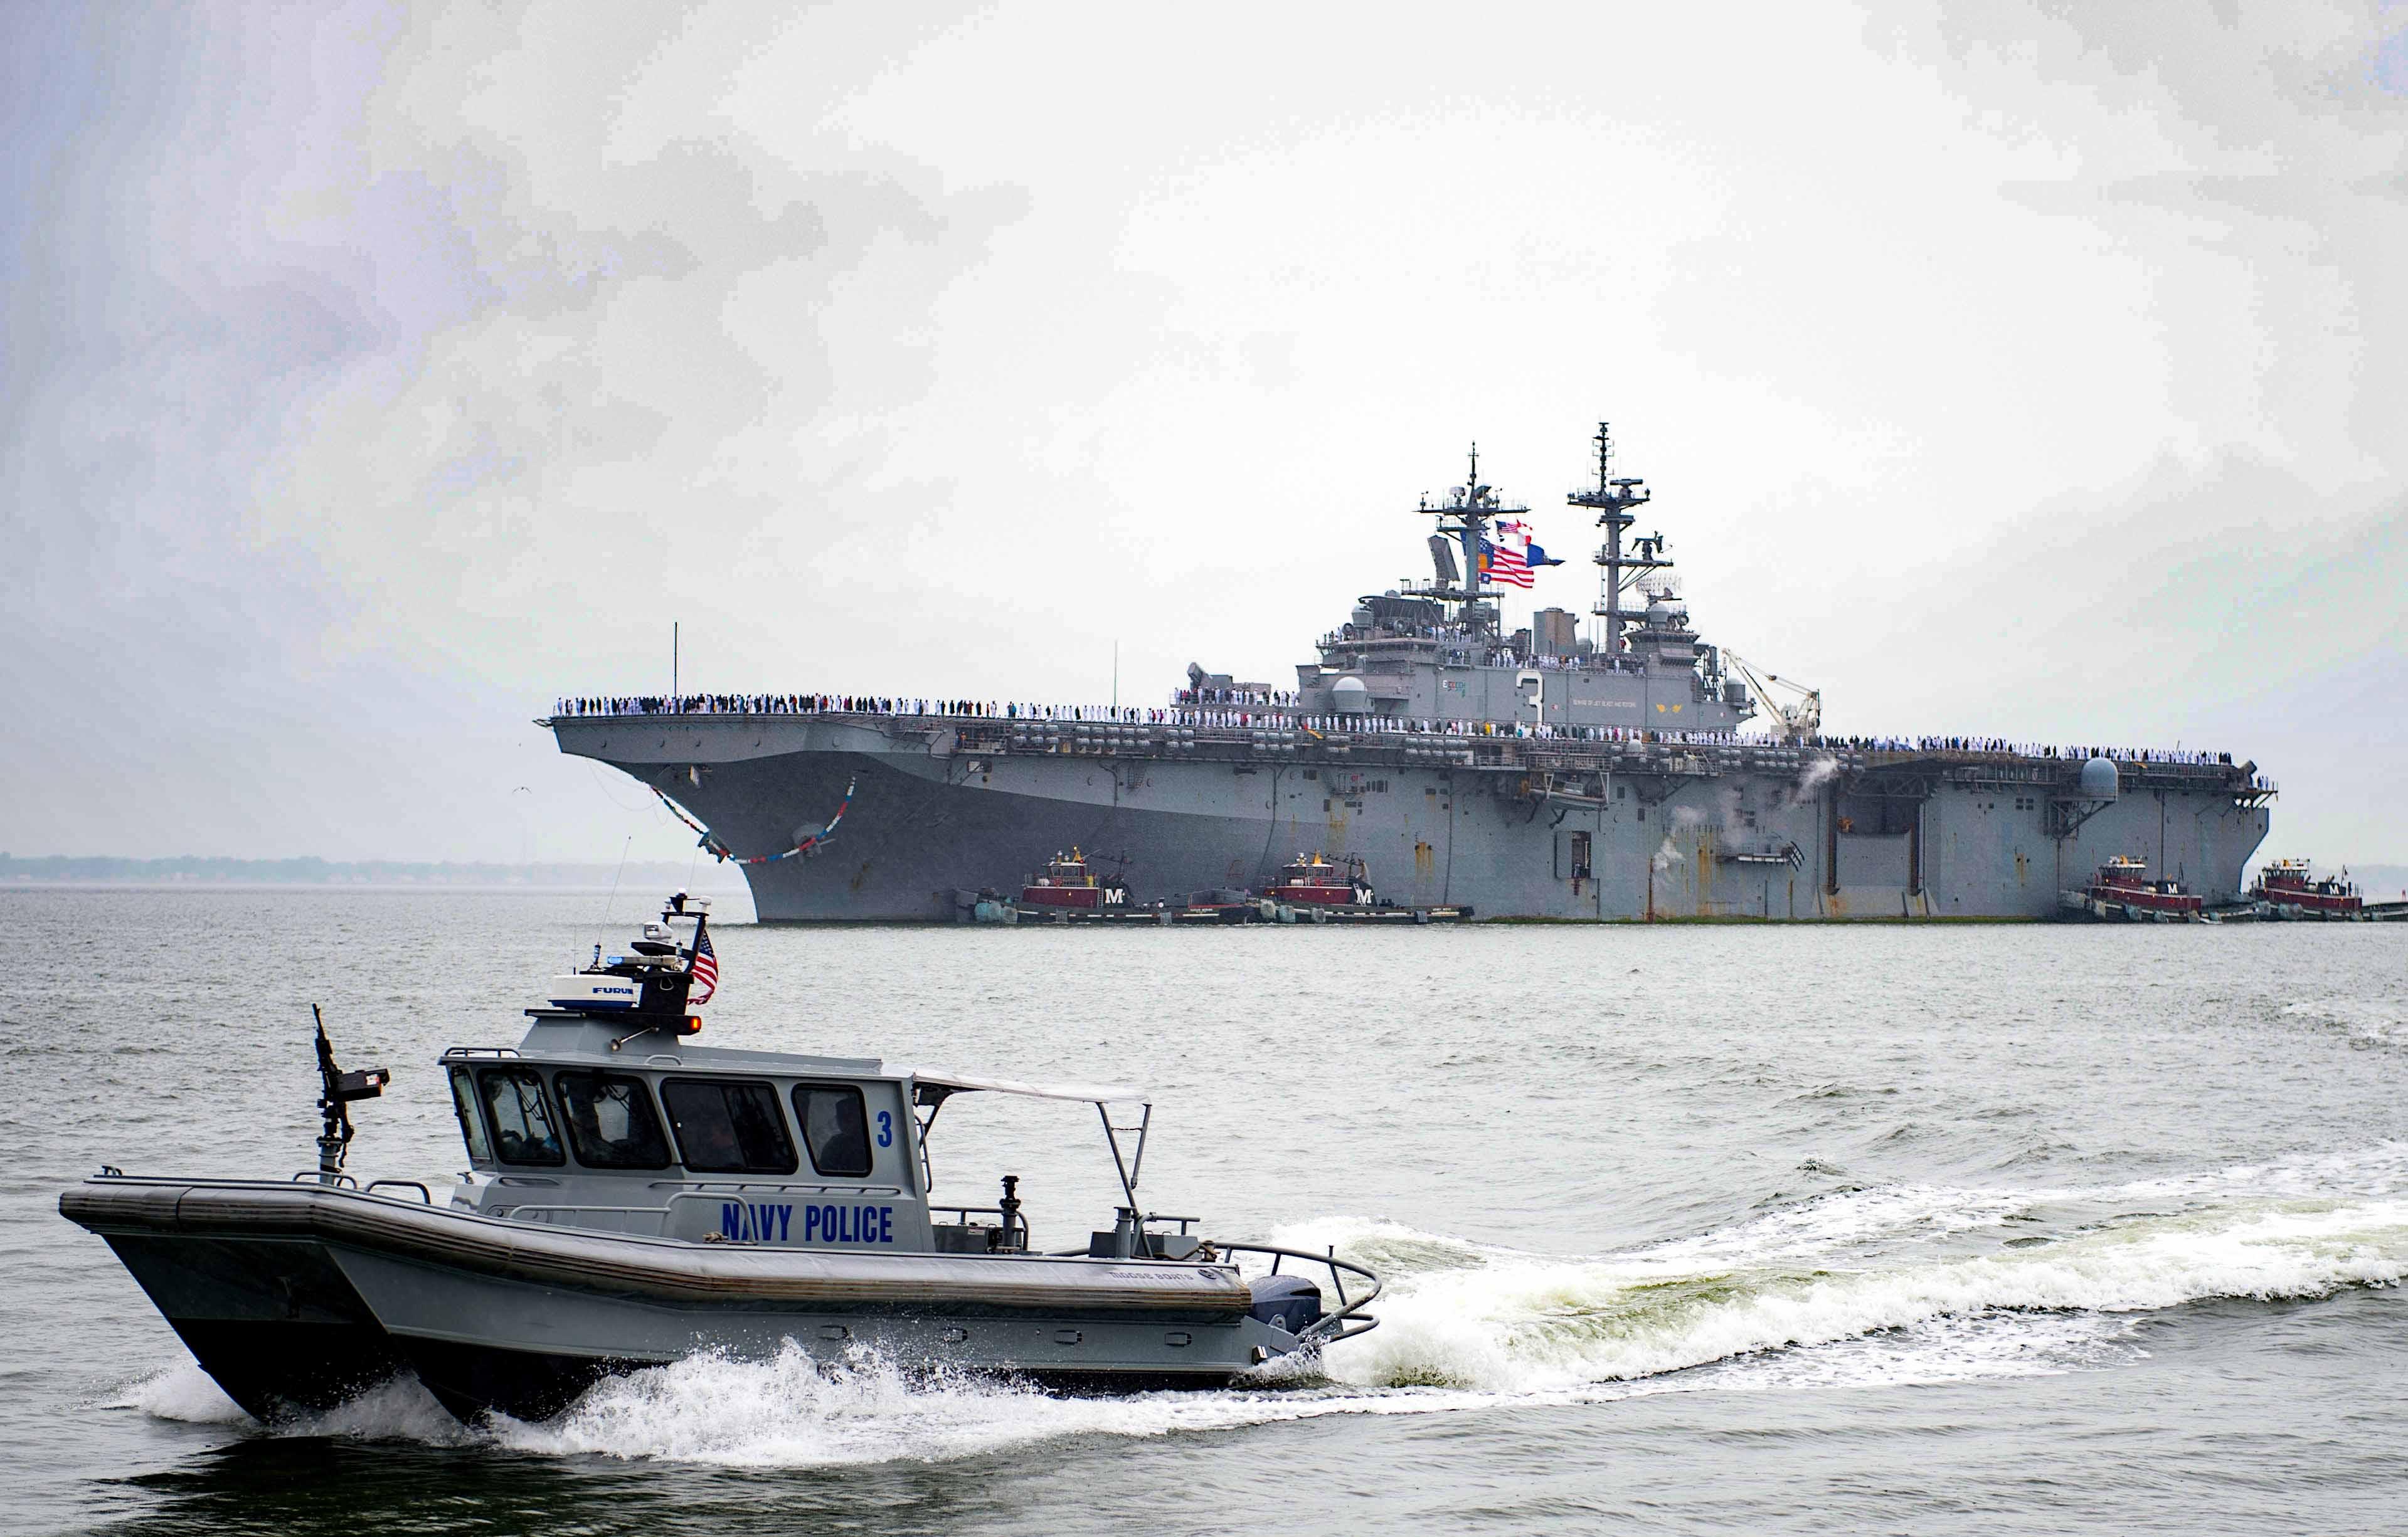 USS KEARSARGE LHD-3 Einlaufen Norfolk am 03.05.2016 Bild: U.S. Navy